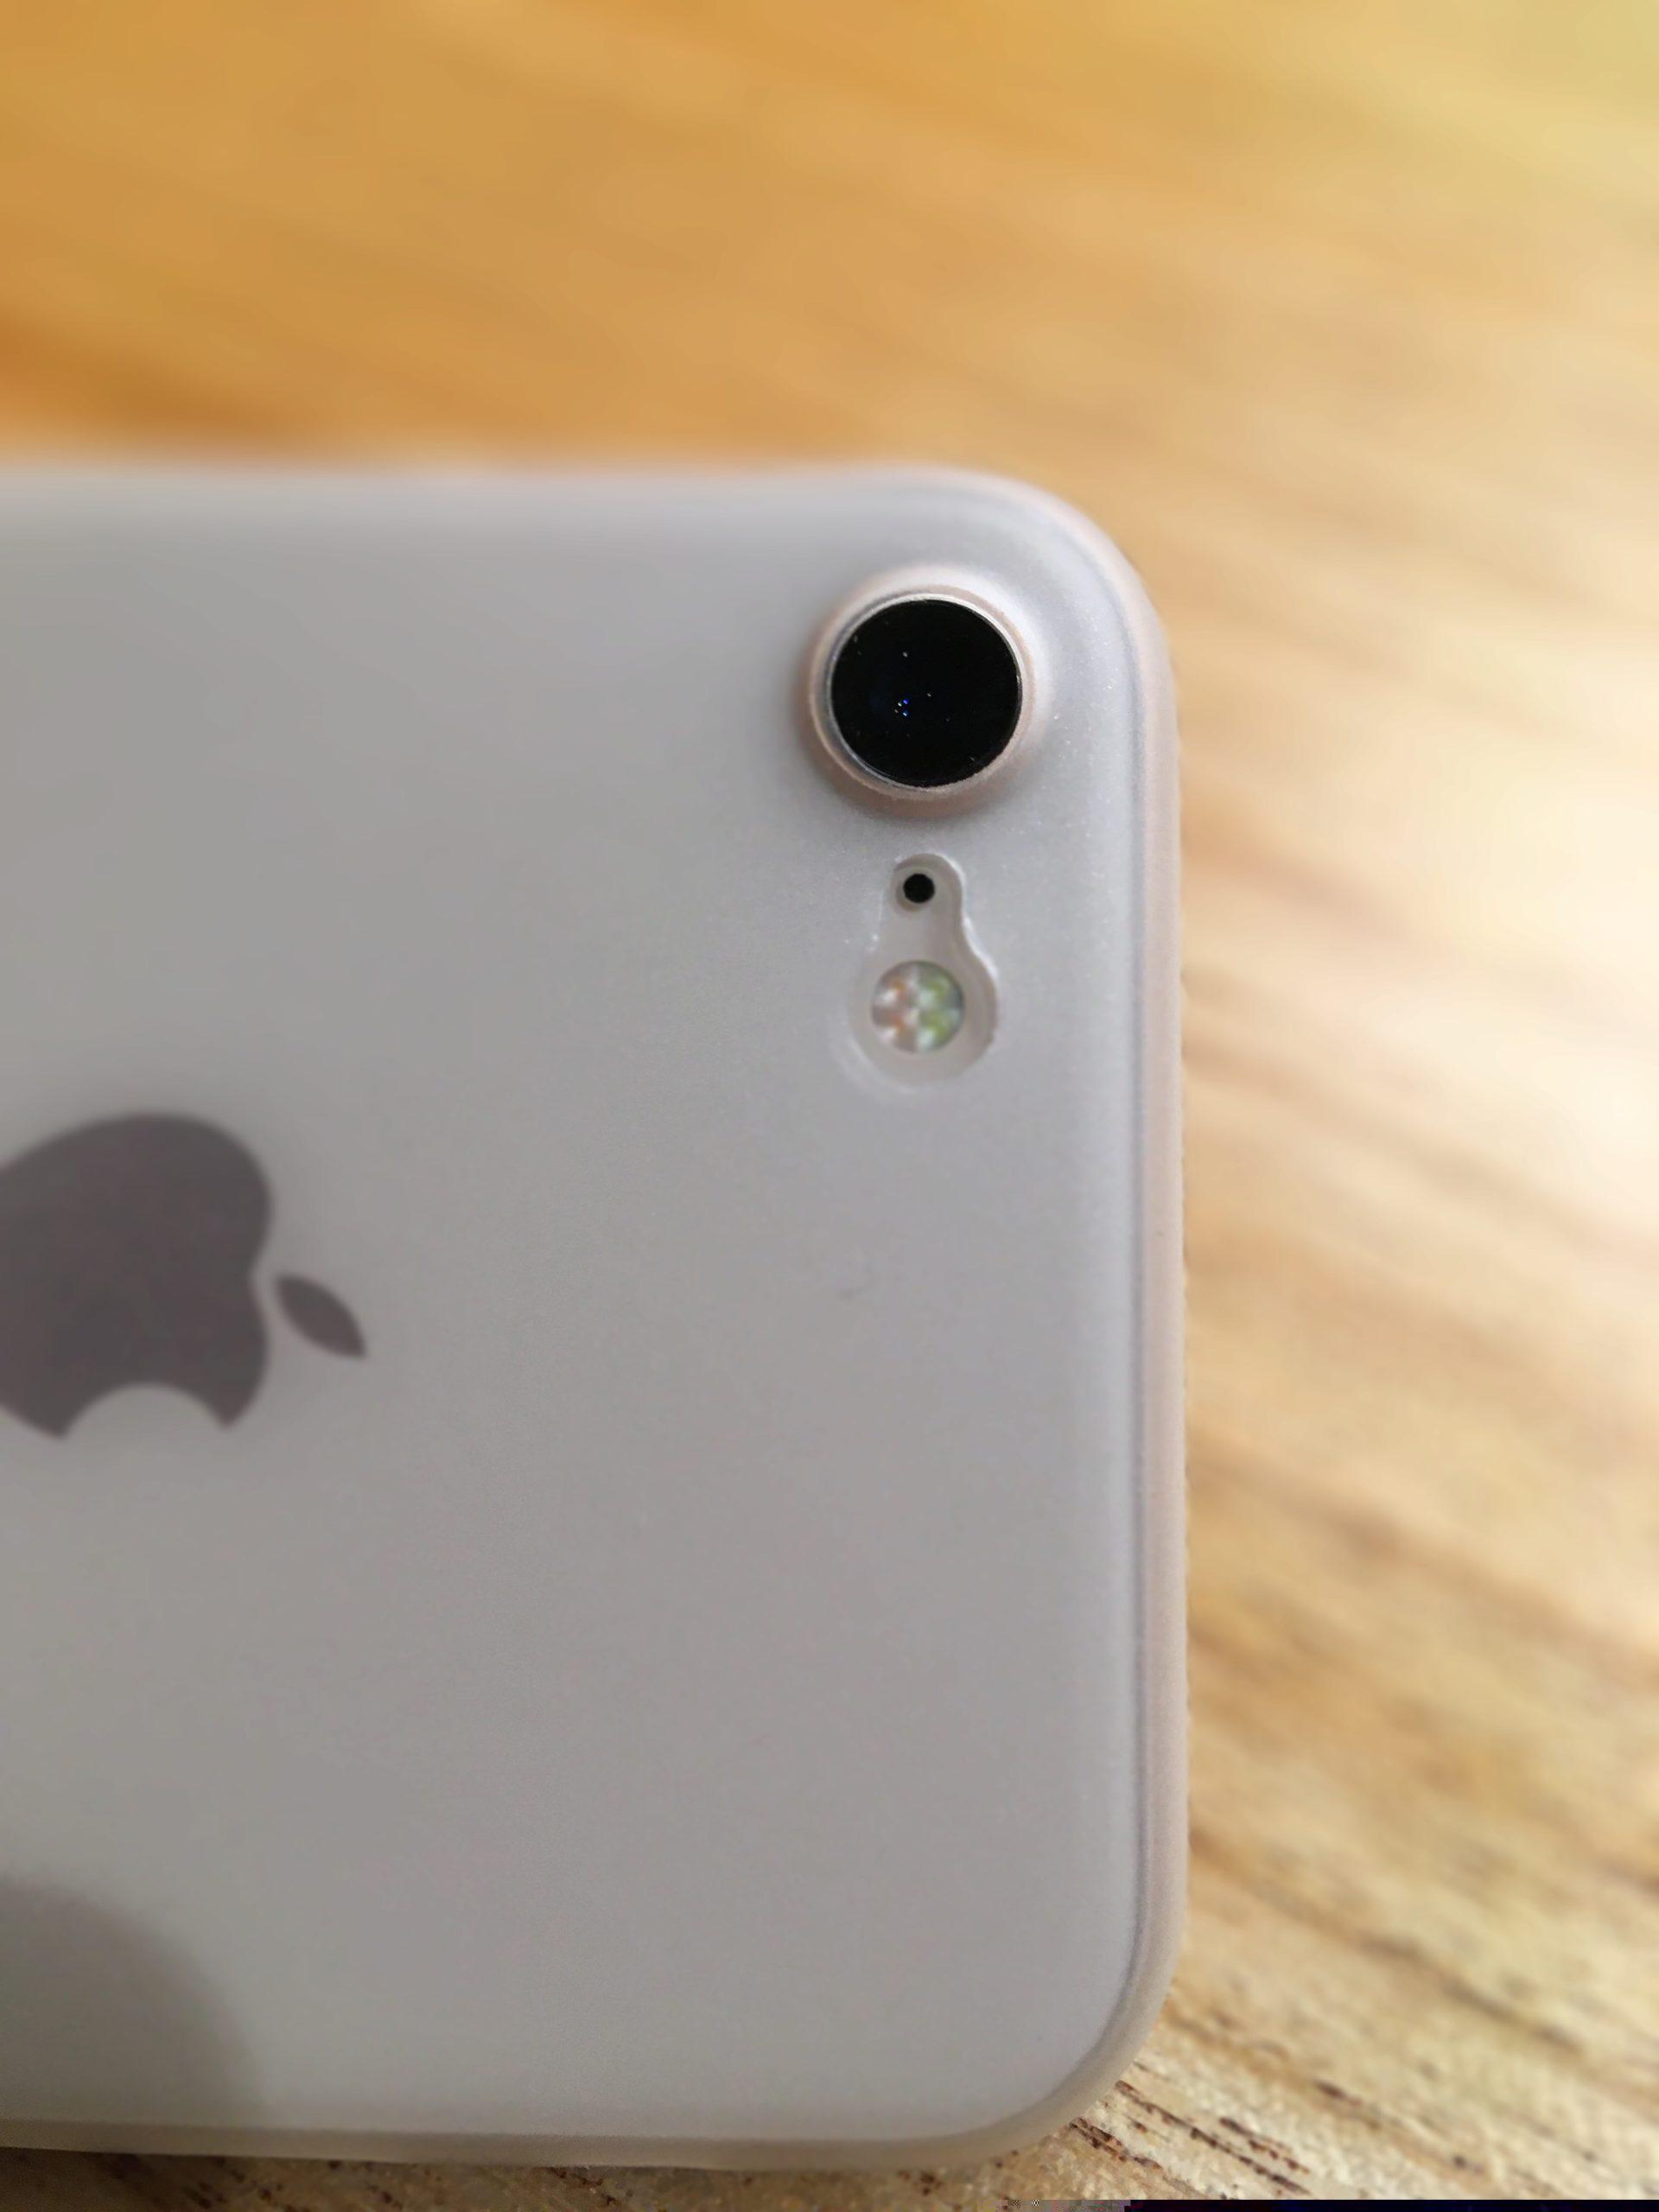 TOZOケースを装着したときのiPhone8 カメラレンズ周りの様子